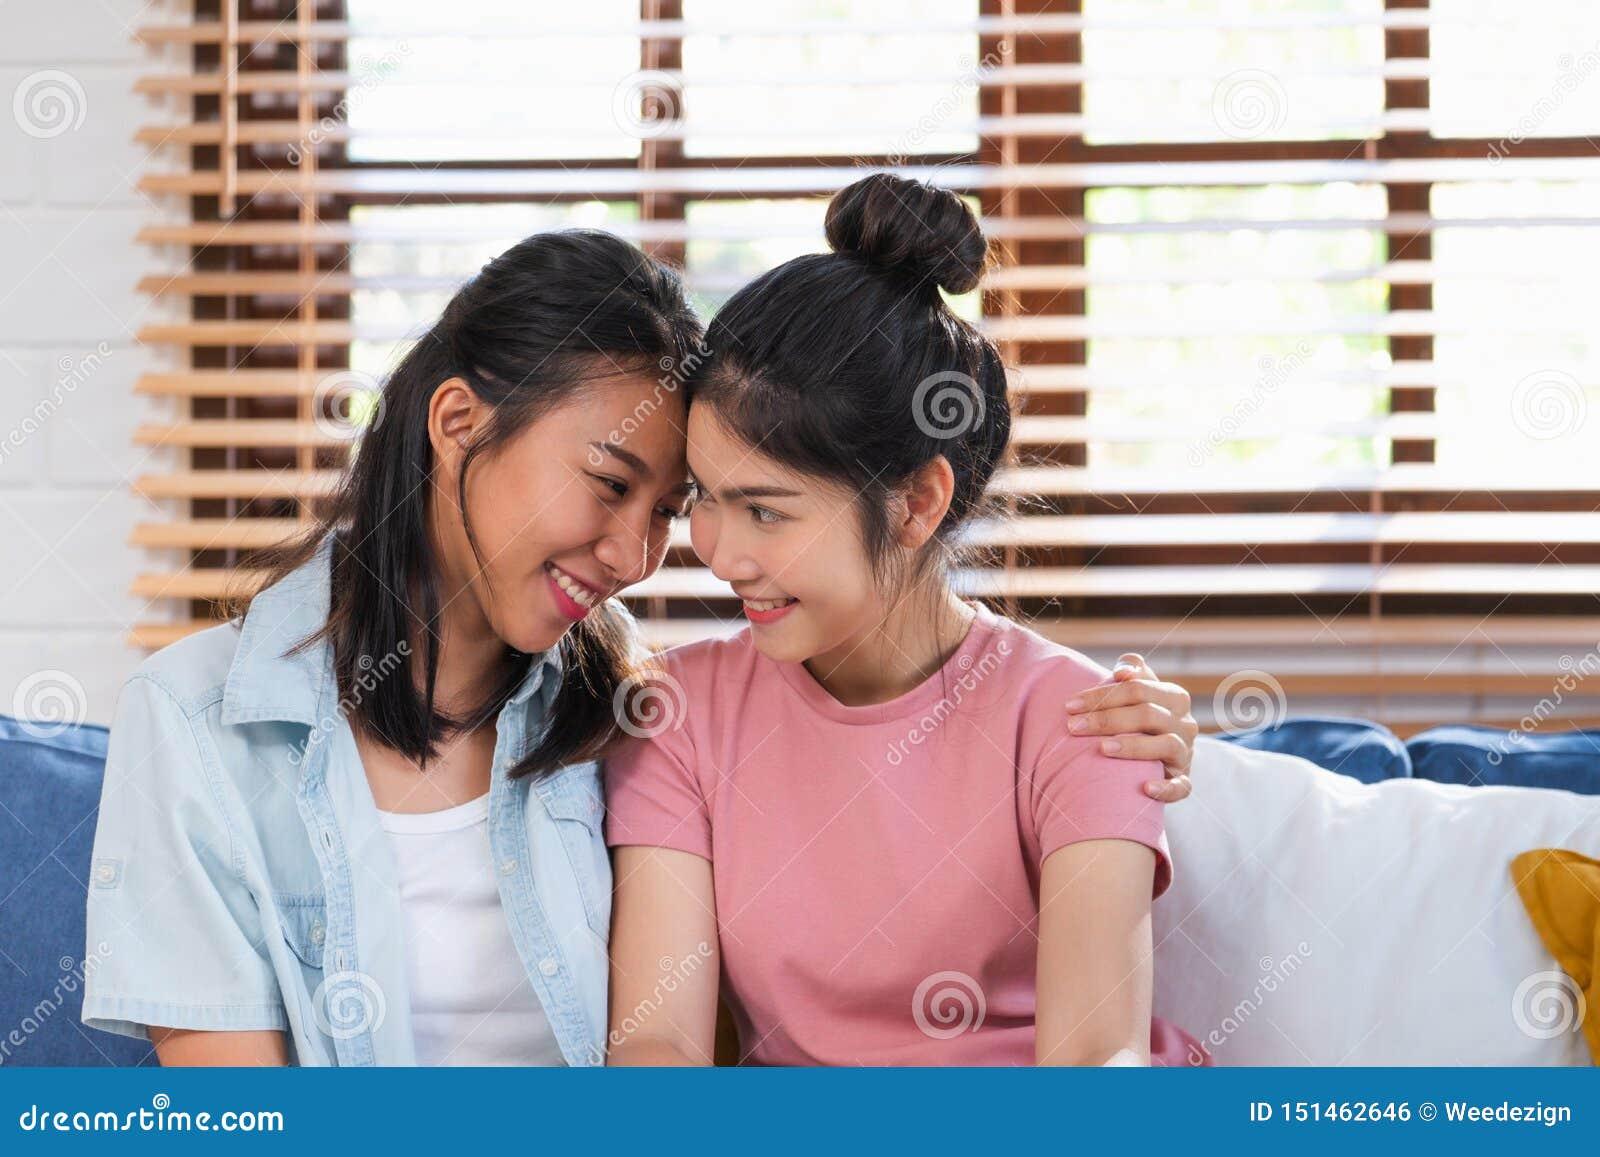 Pares lesbianos asiáticos felices abrazarse con amor en el sofá en la sala de estar en casa, concepto de la forma de vida de LGBT